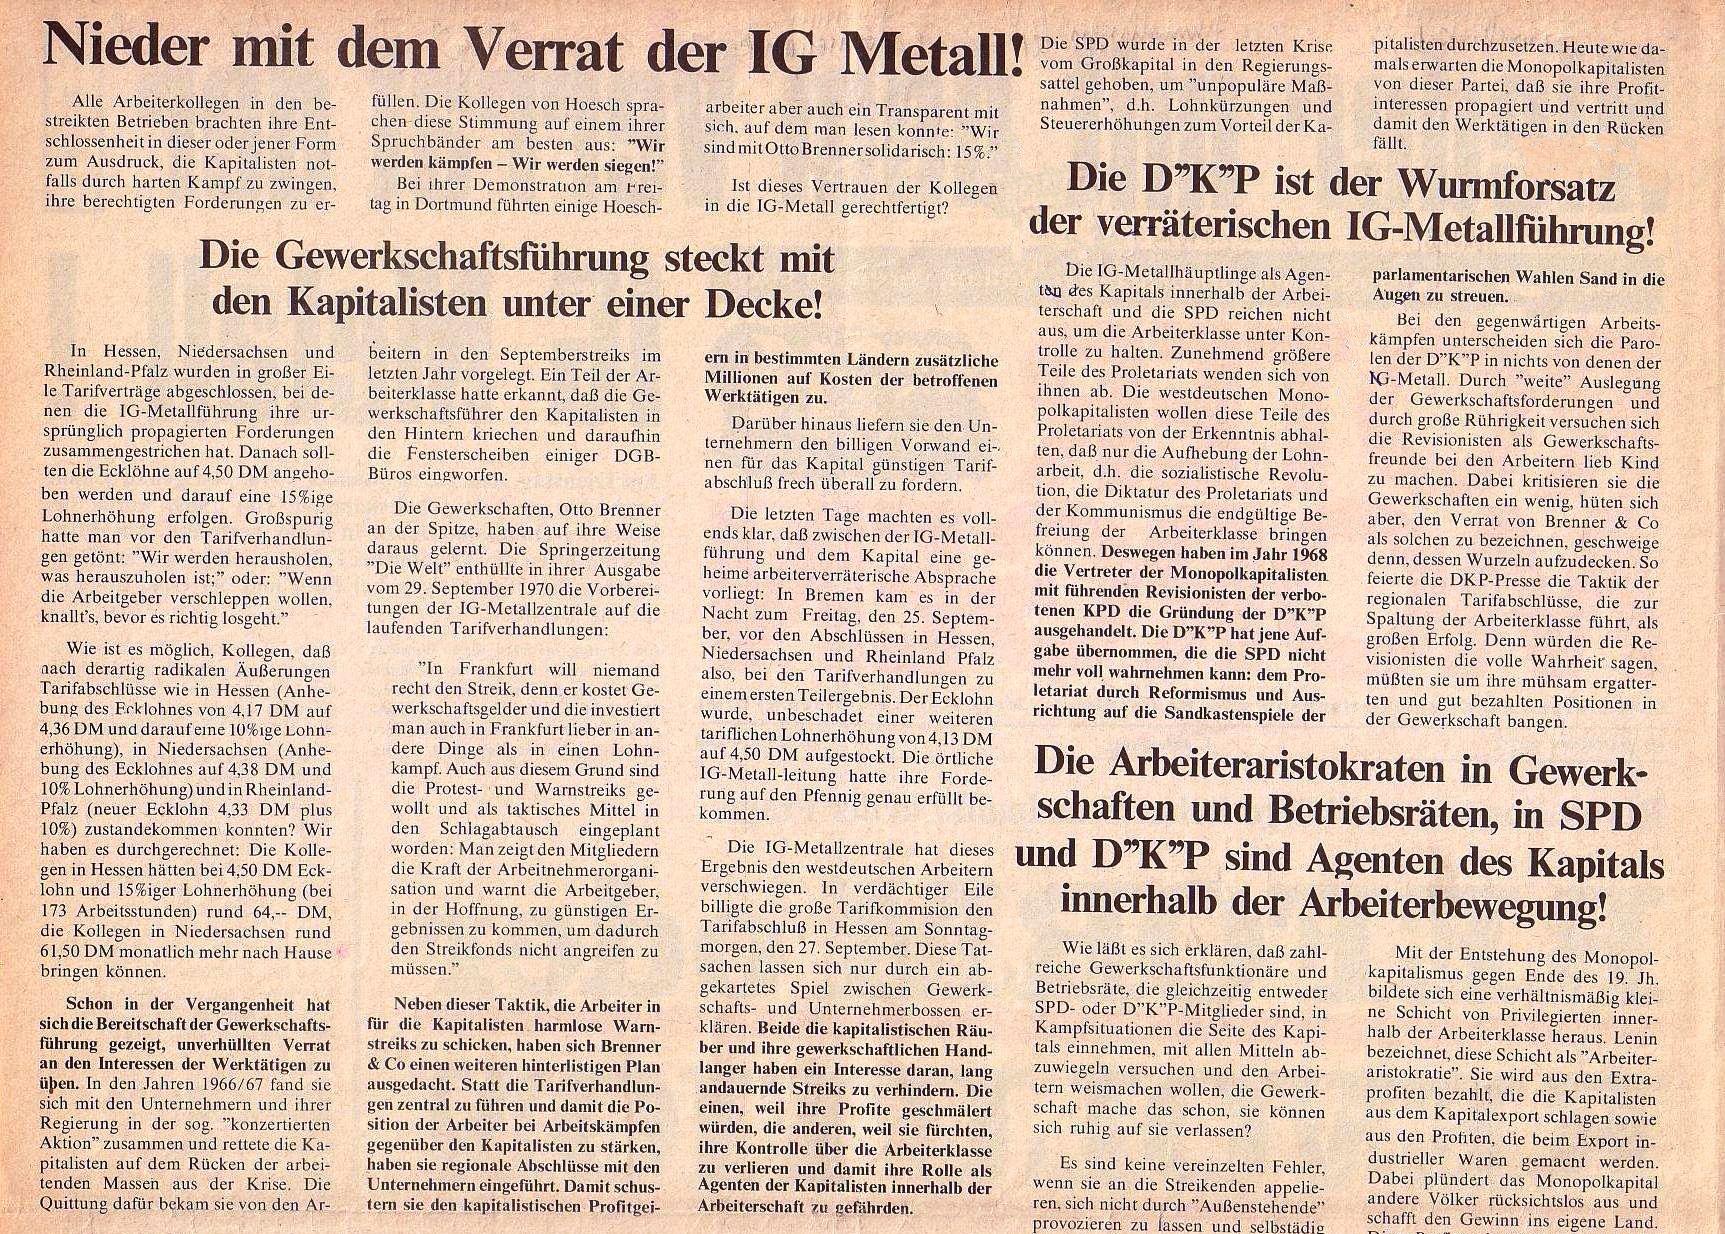 Roter Morgen, 4. Jg., Oktober 1970, Nr. 9, Seite 2a